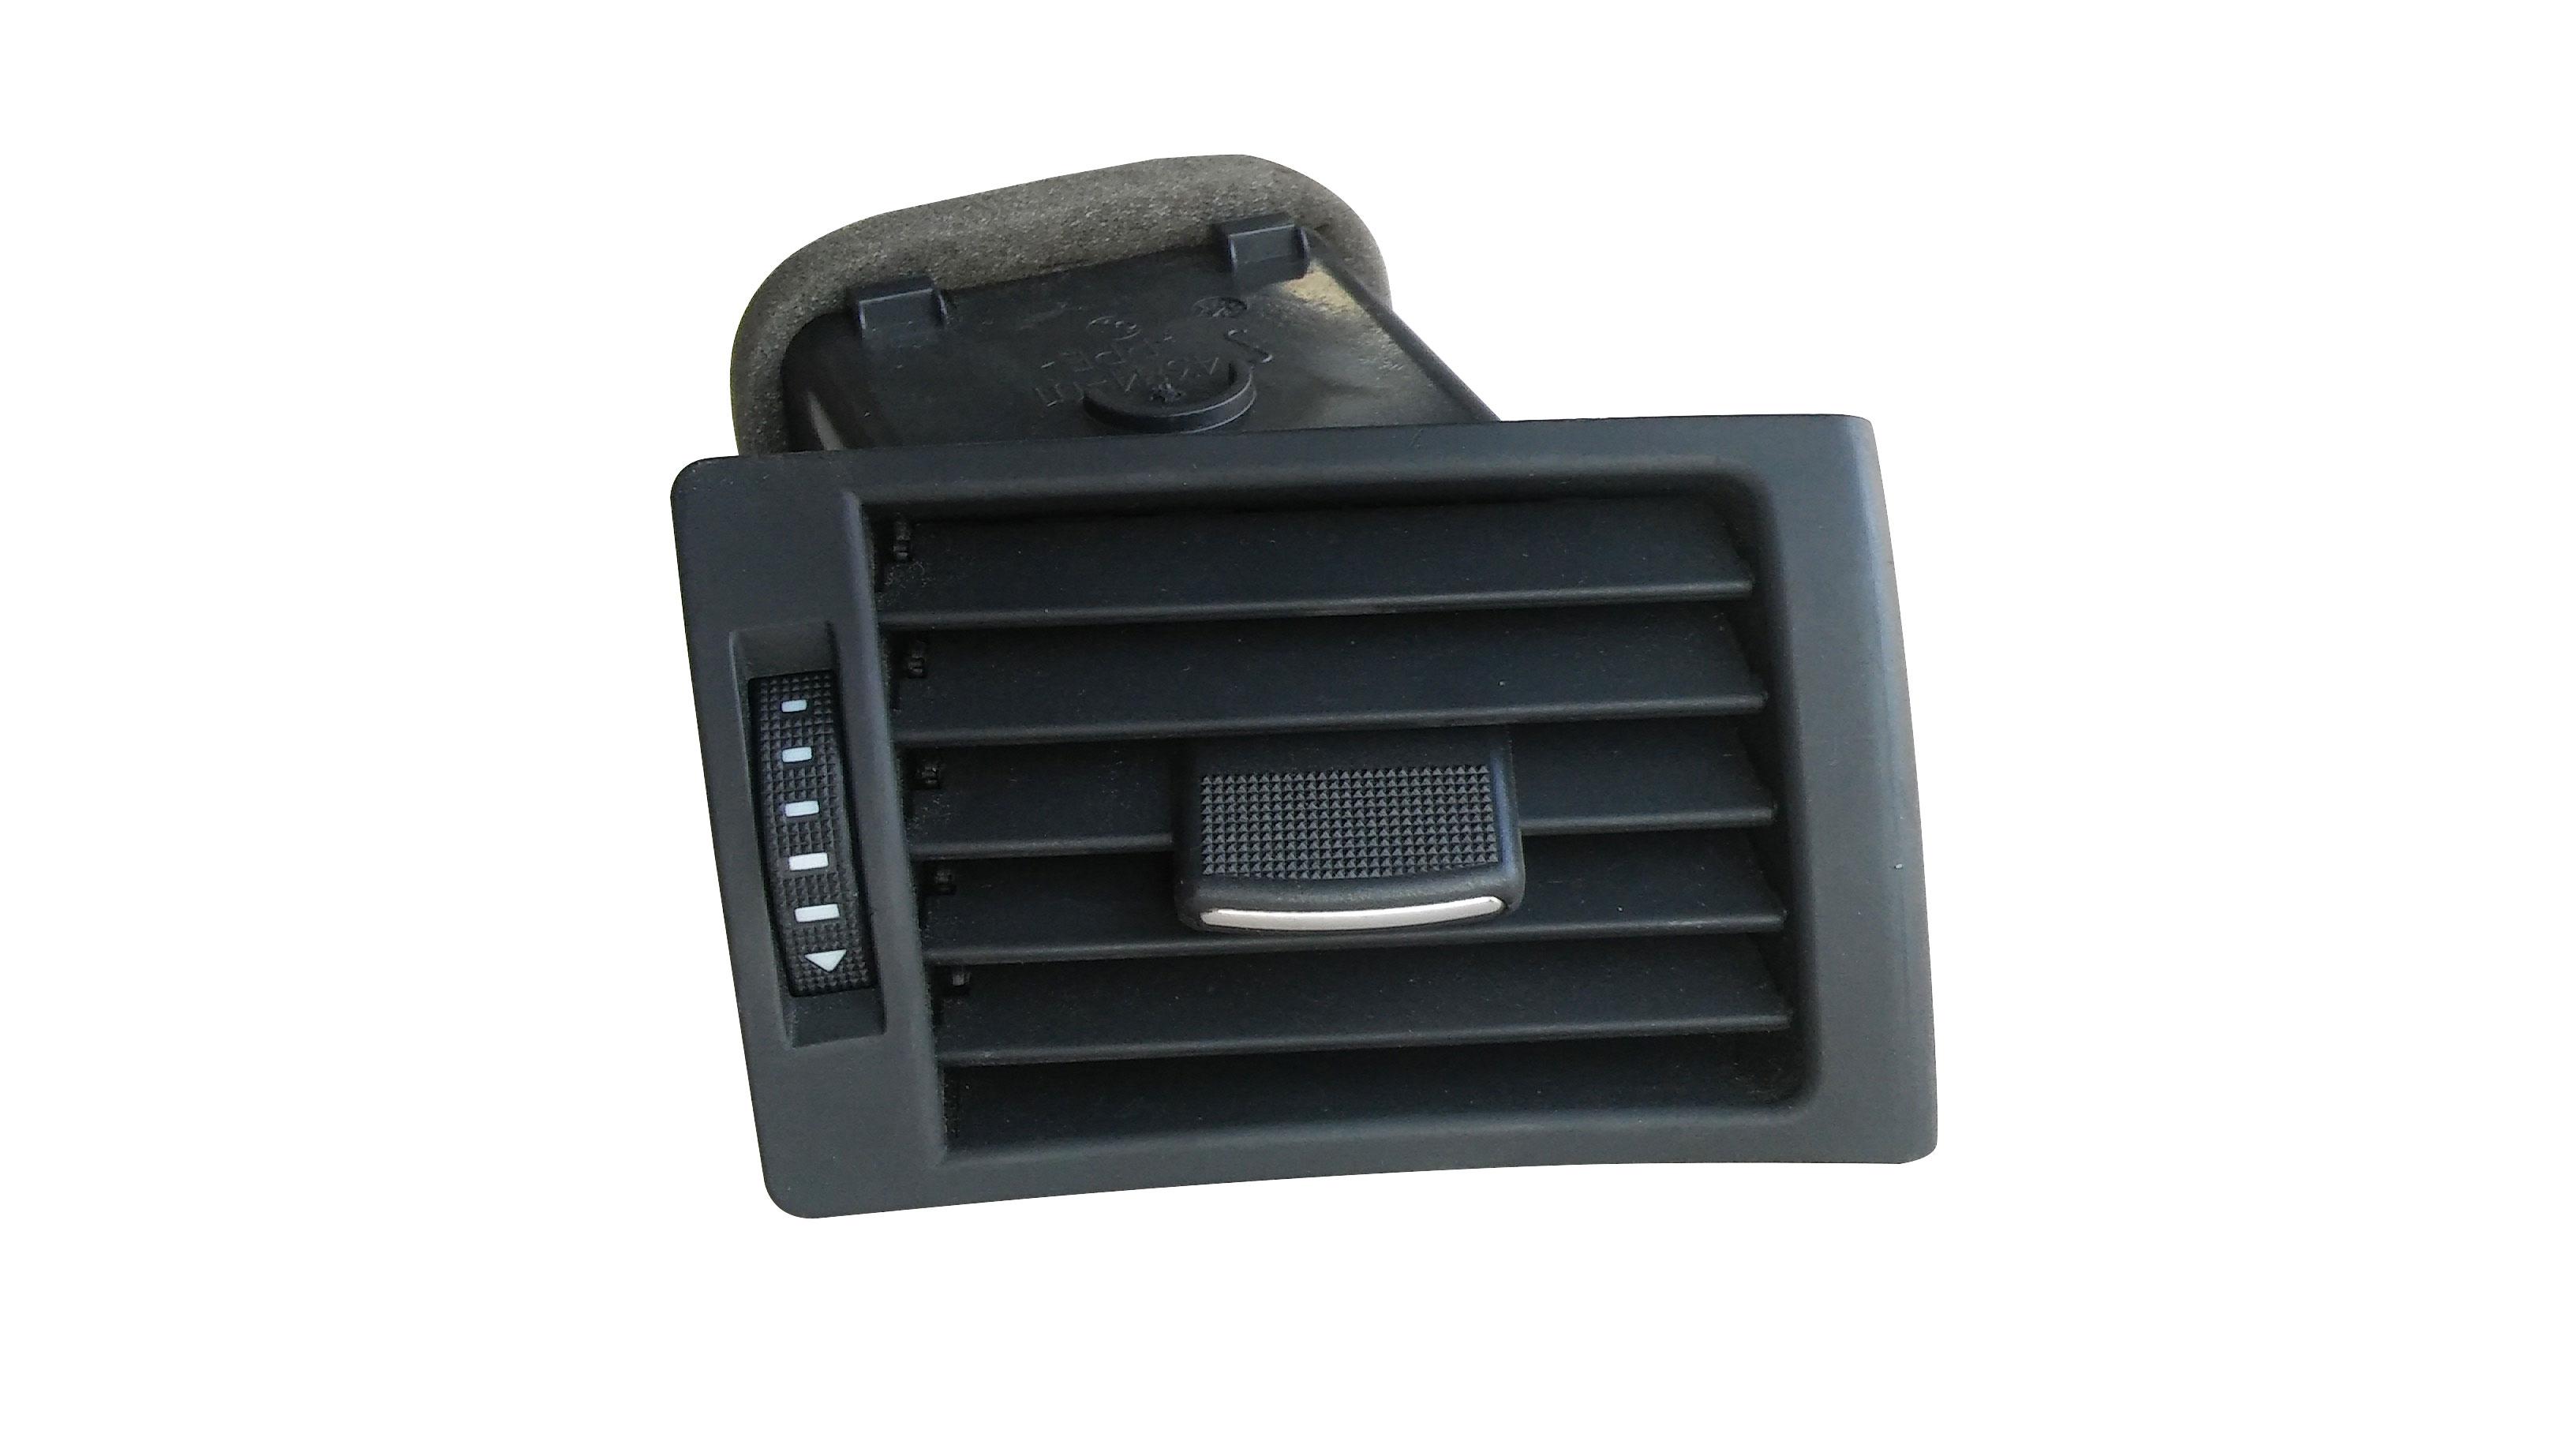 Göğüs Havalandırma Izgarası - Audi A4 2002 > 2008